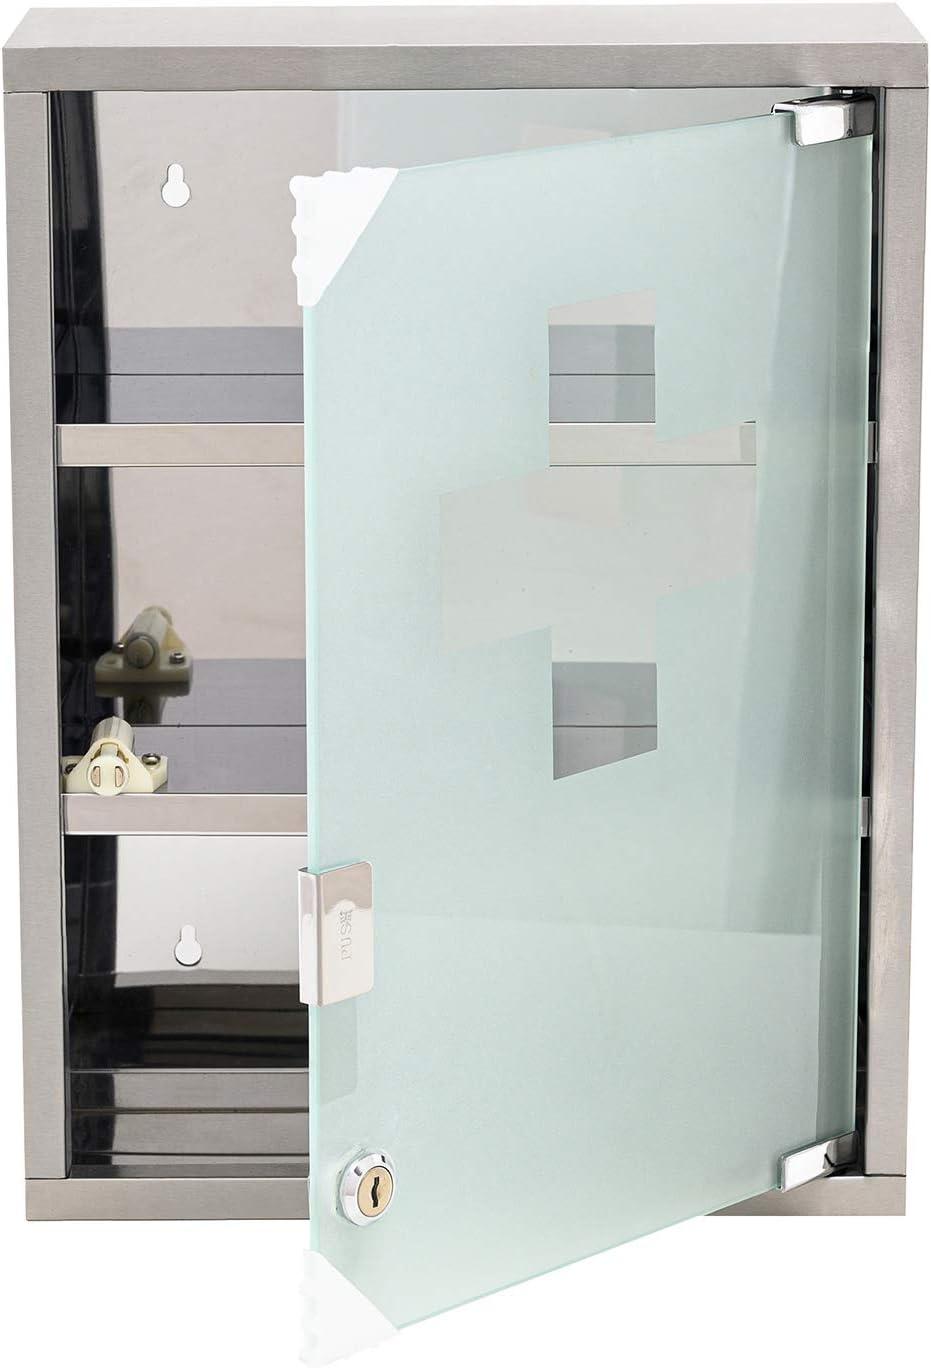 Mack - Armario botiquín de Acero Inoxidable - 3 Llaves y Material de instalación - 40 x 30 x 12 cm: Amazon.es: Hogar